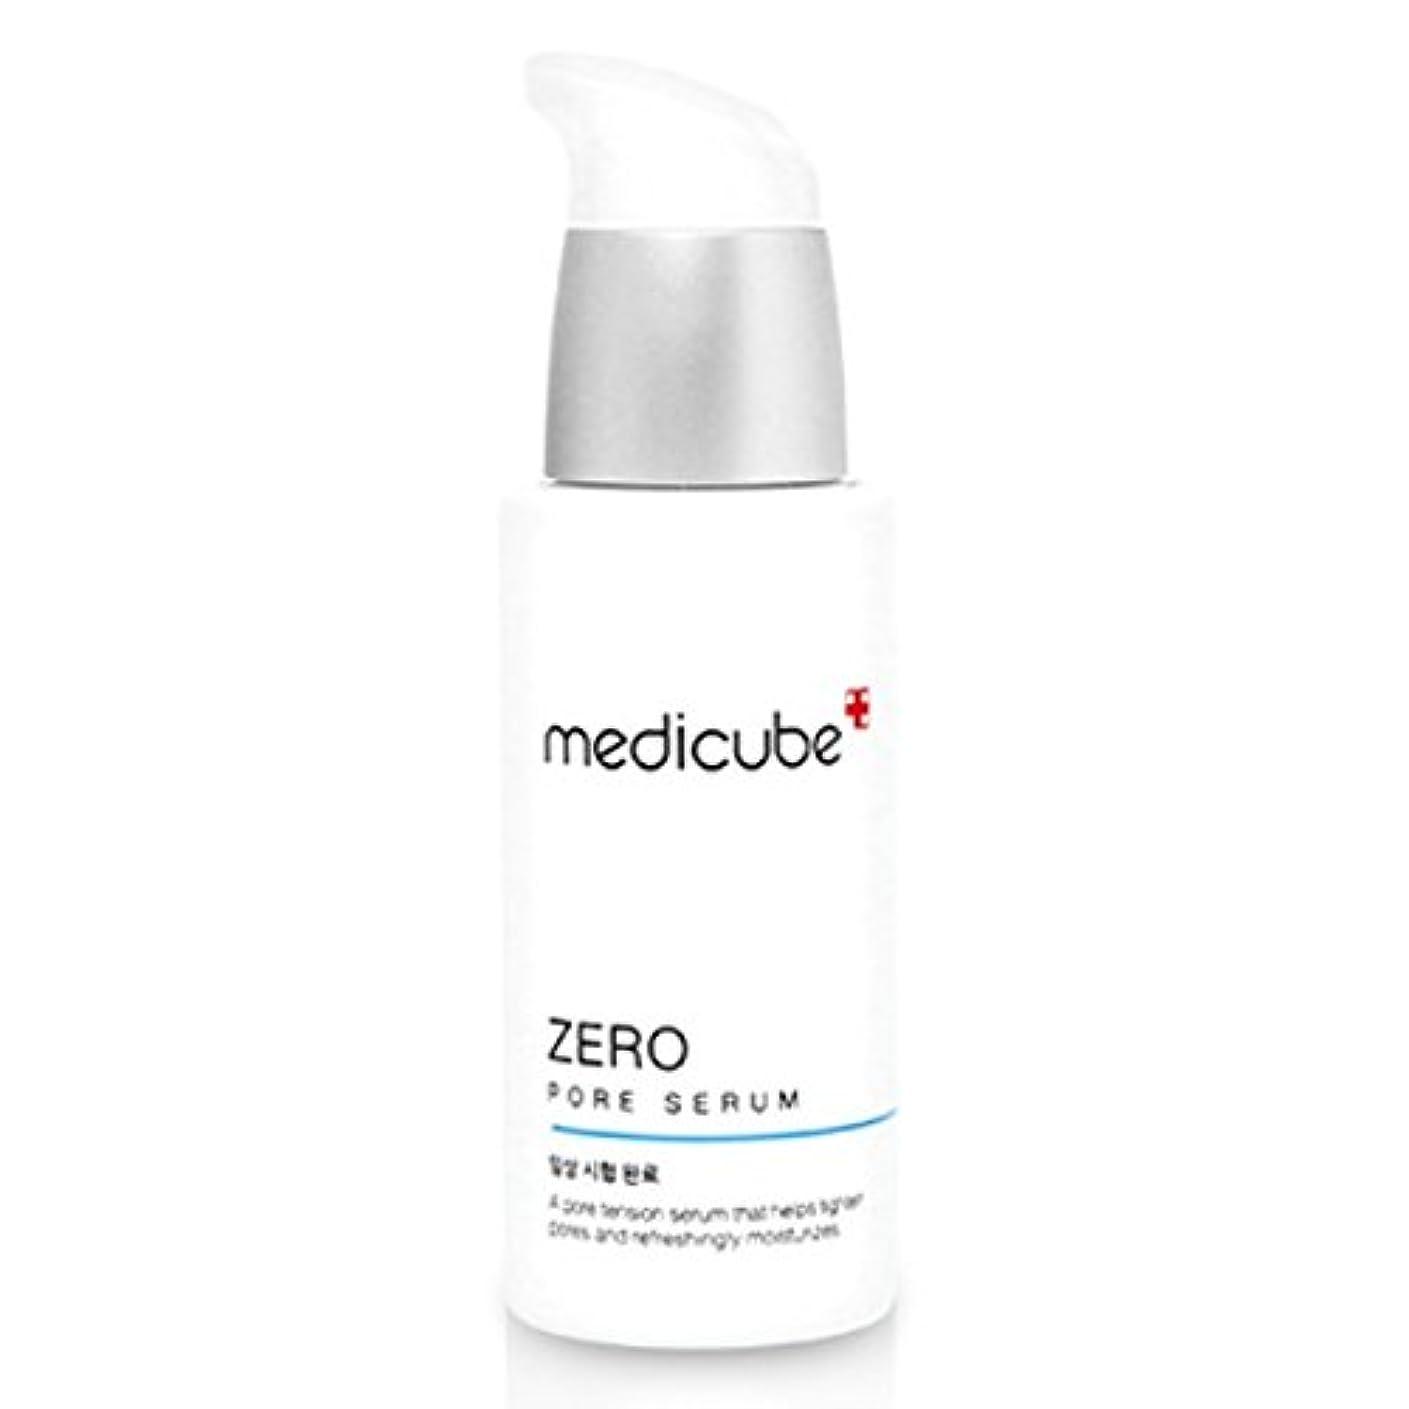 基礎理論エンジニア我慢する[Medicube メディキューブ] ゼロポアセラム 27ml / Zero Pore Serum 27ml [並行輸入品]